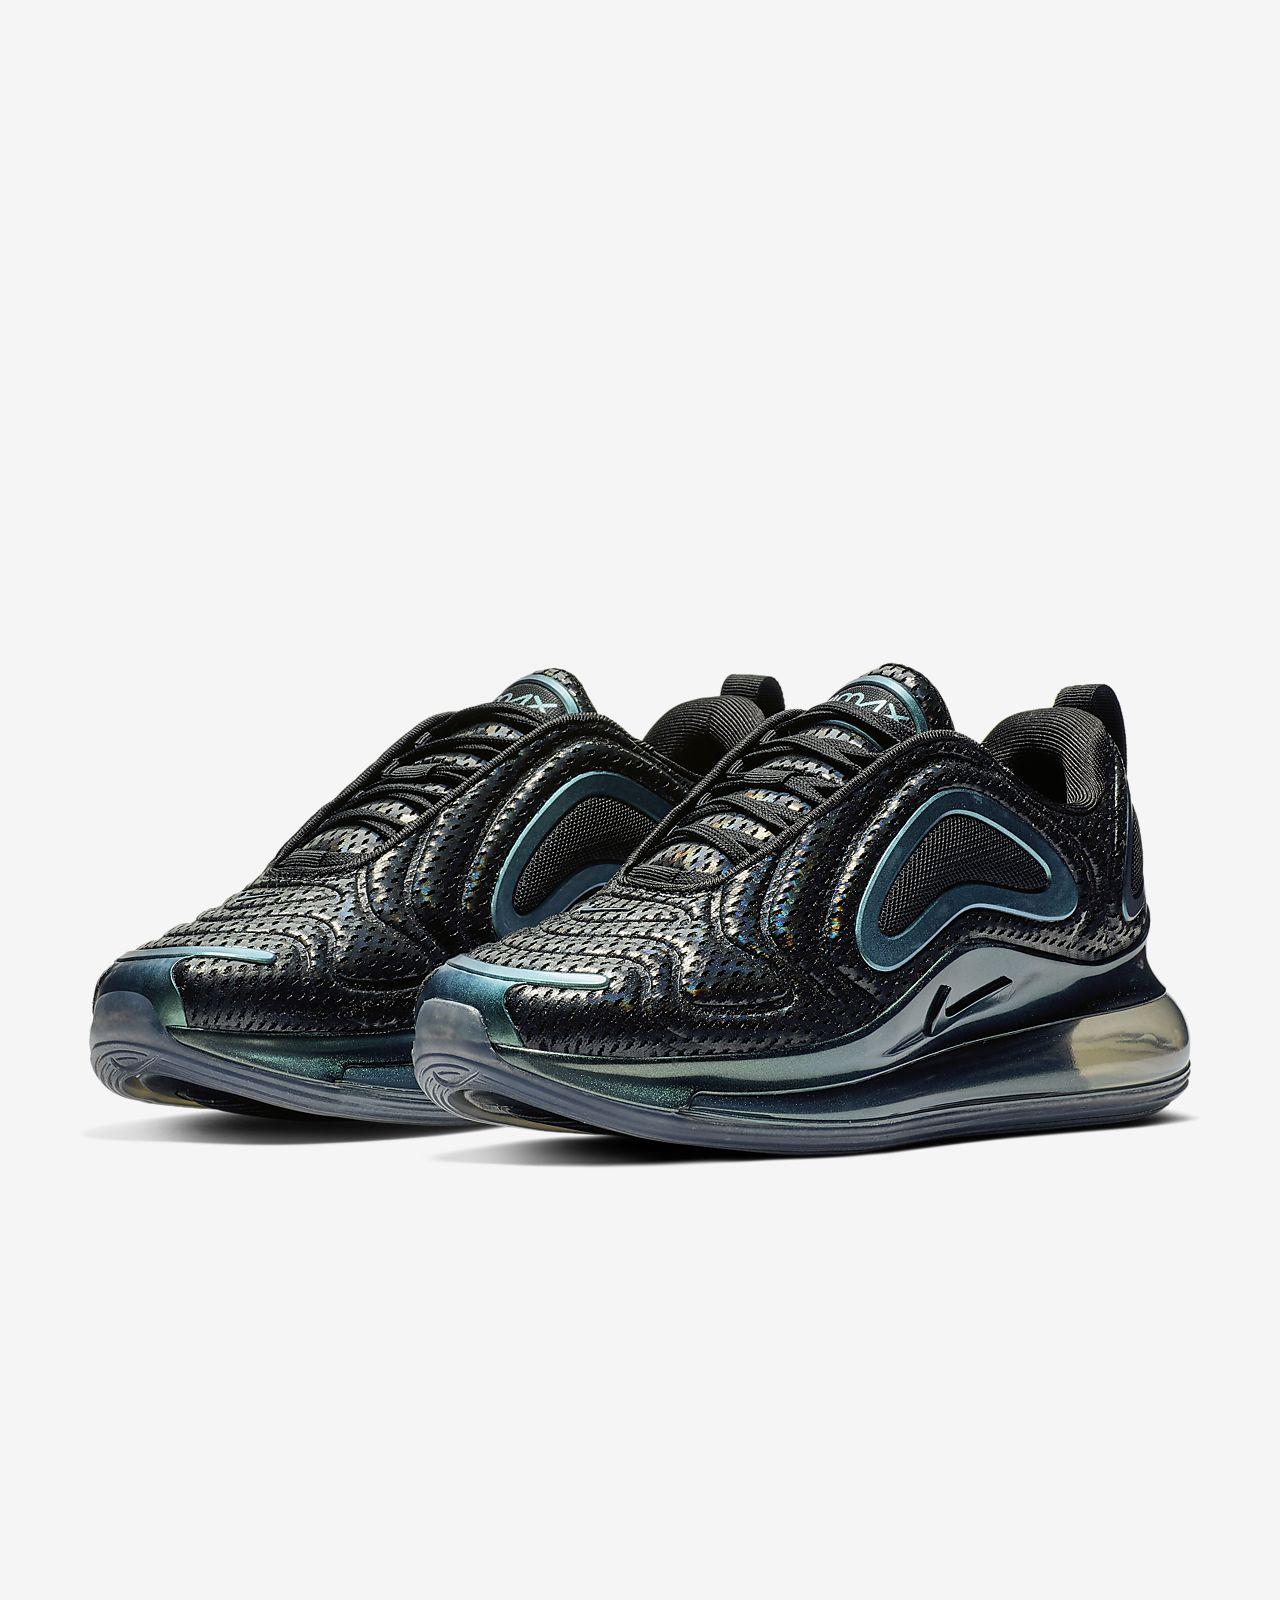 chaussure nike air max femme bleu turquoise